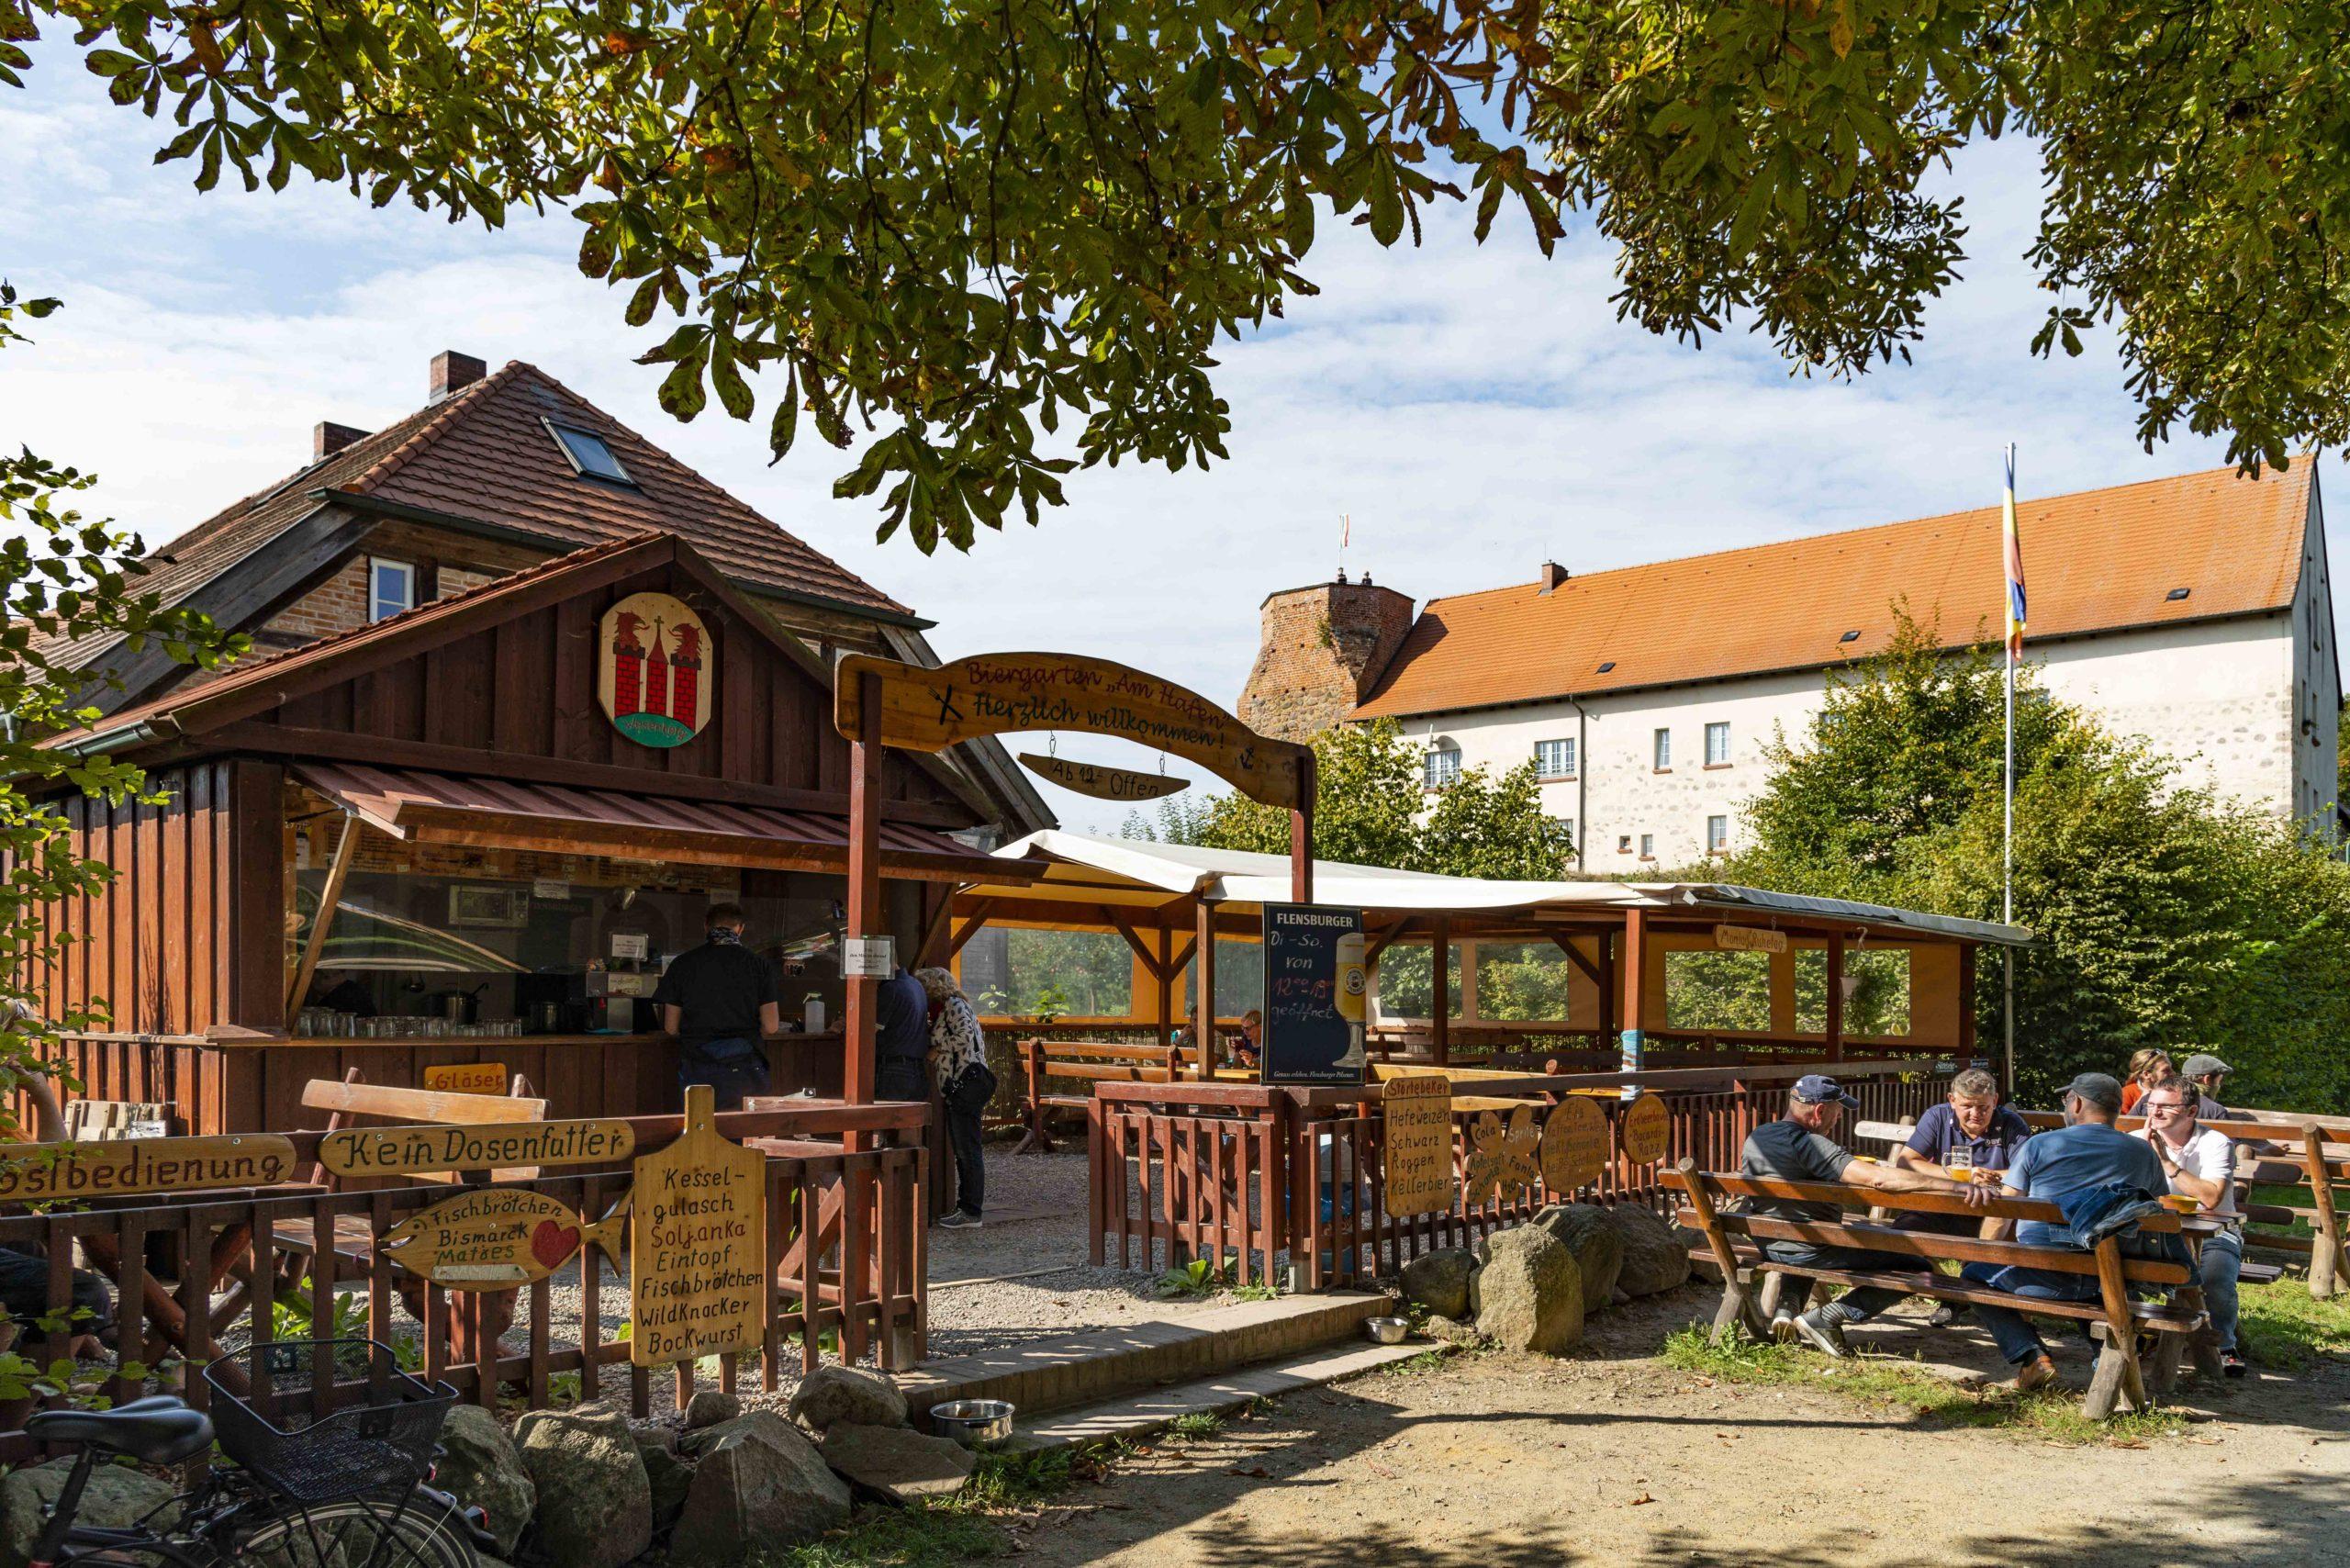 Biergarten, im Hintergrund die Burg von Wesenberg